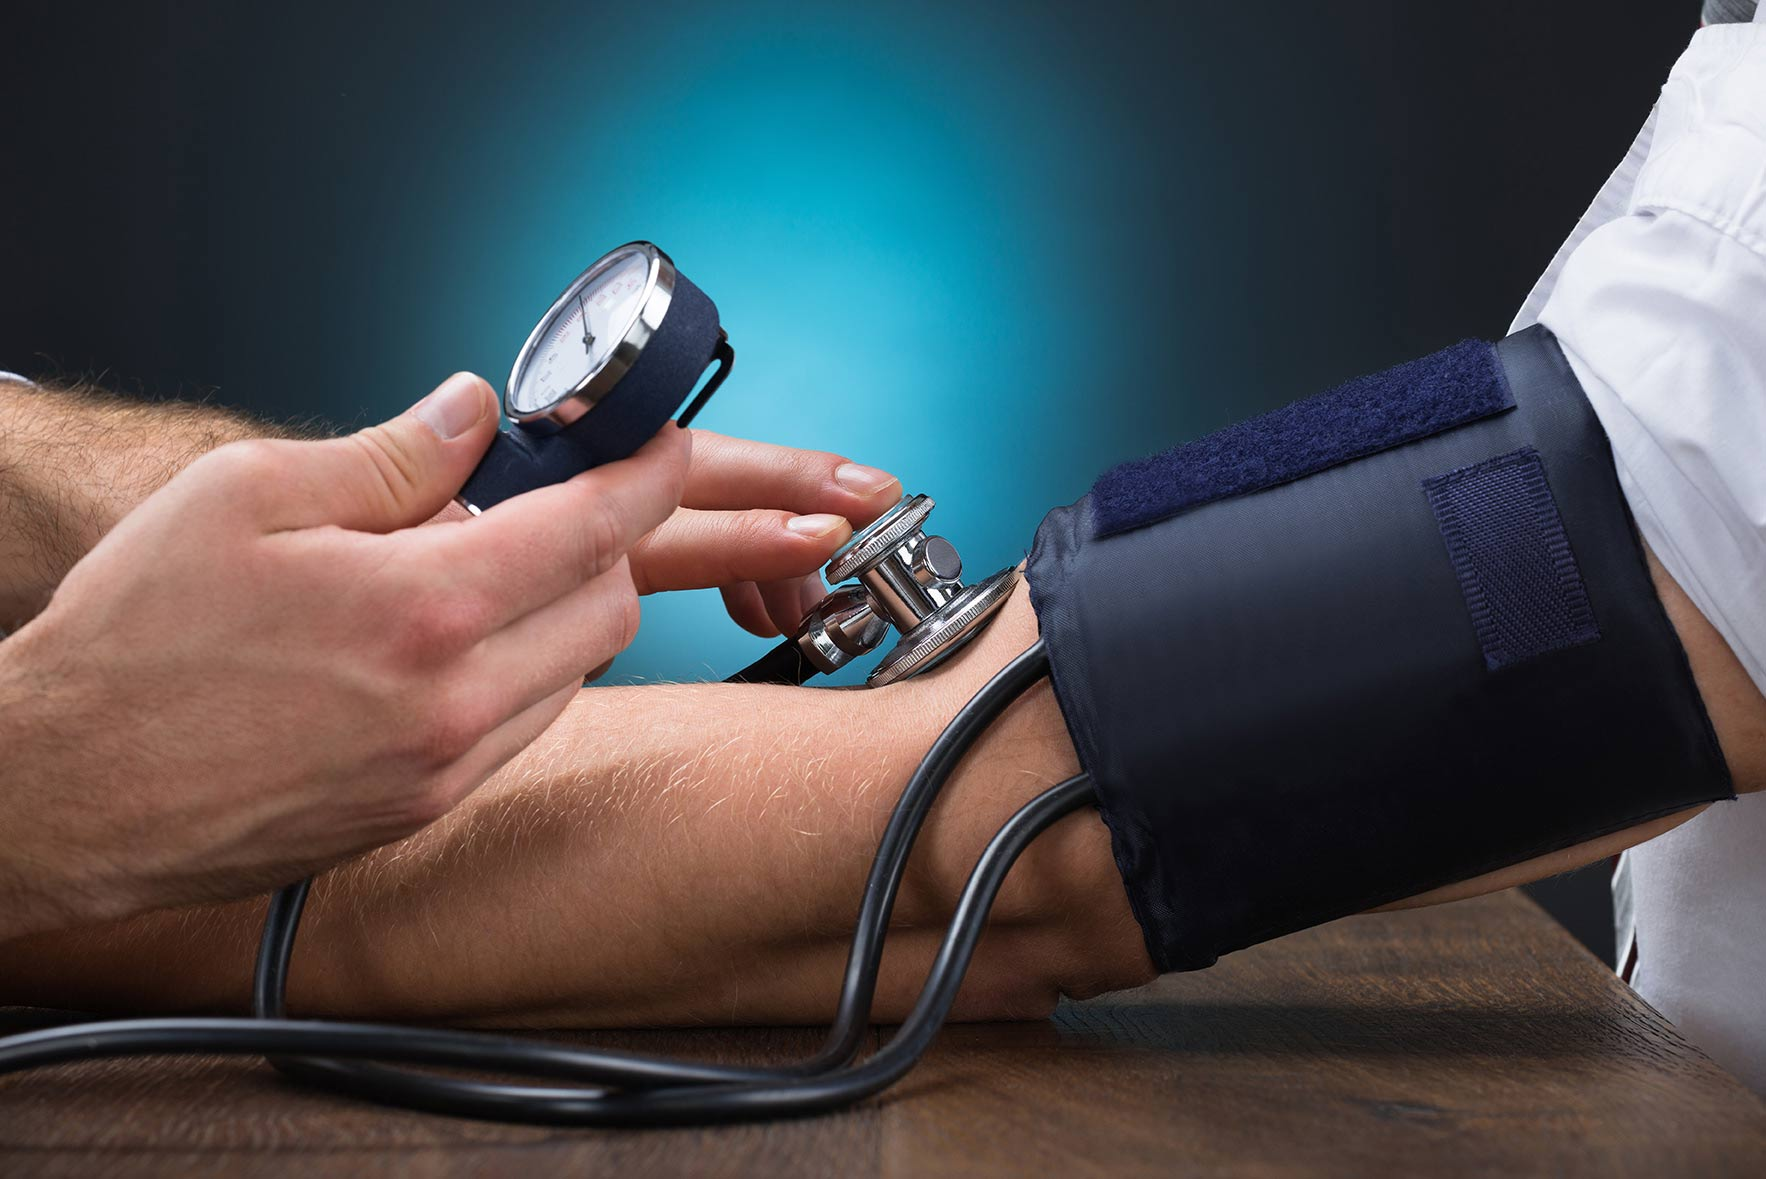 laza széklet magas vérnyomás esetén magas vérnyomás harminc évesen